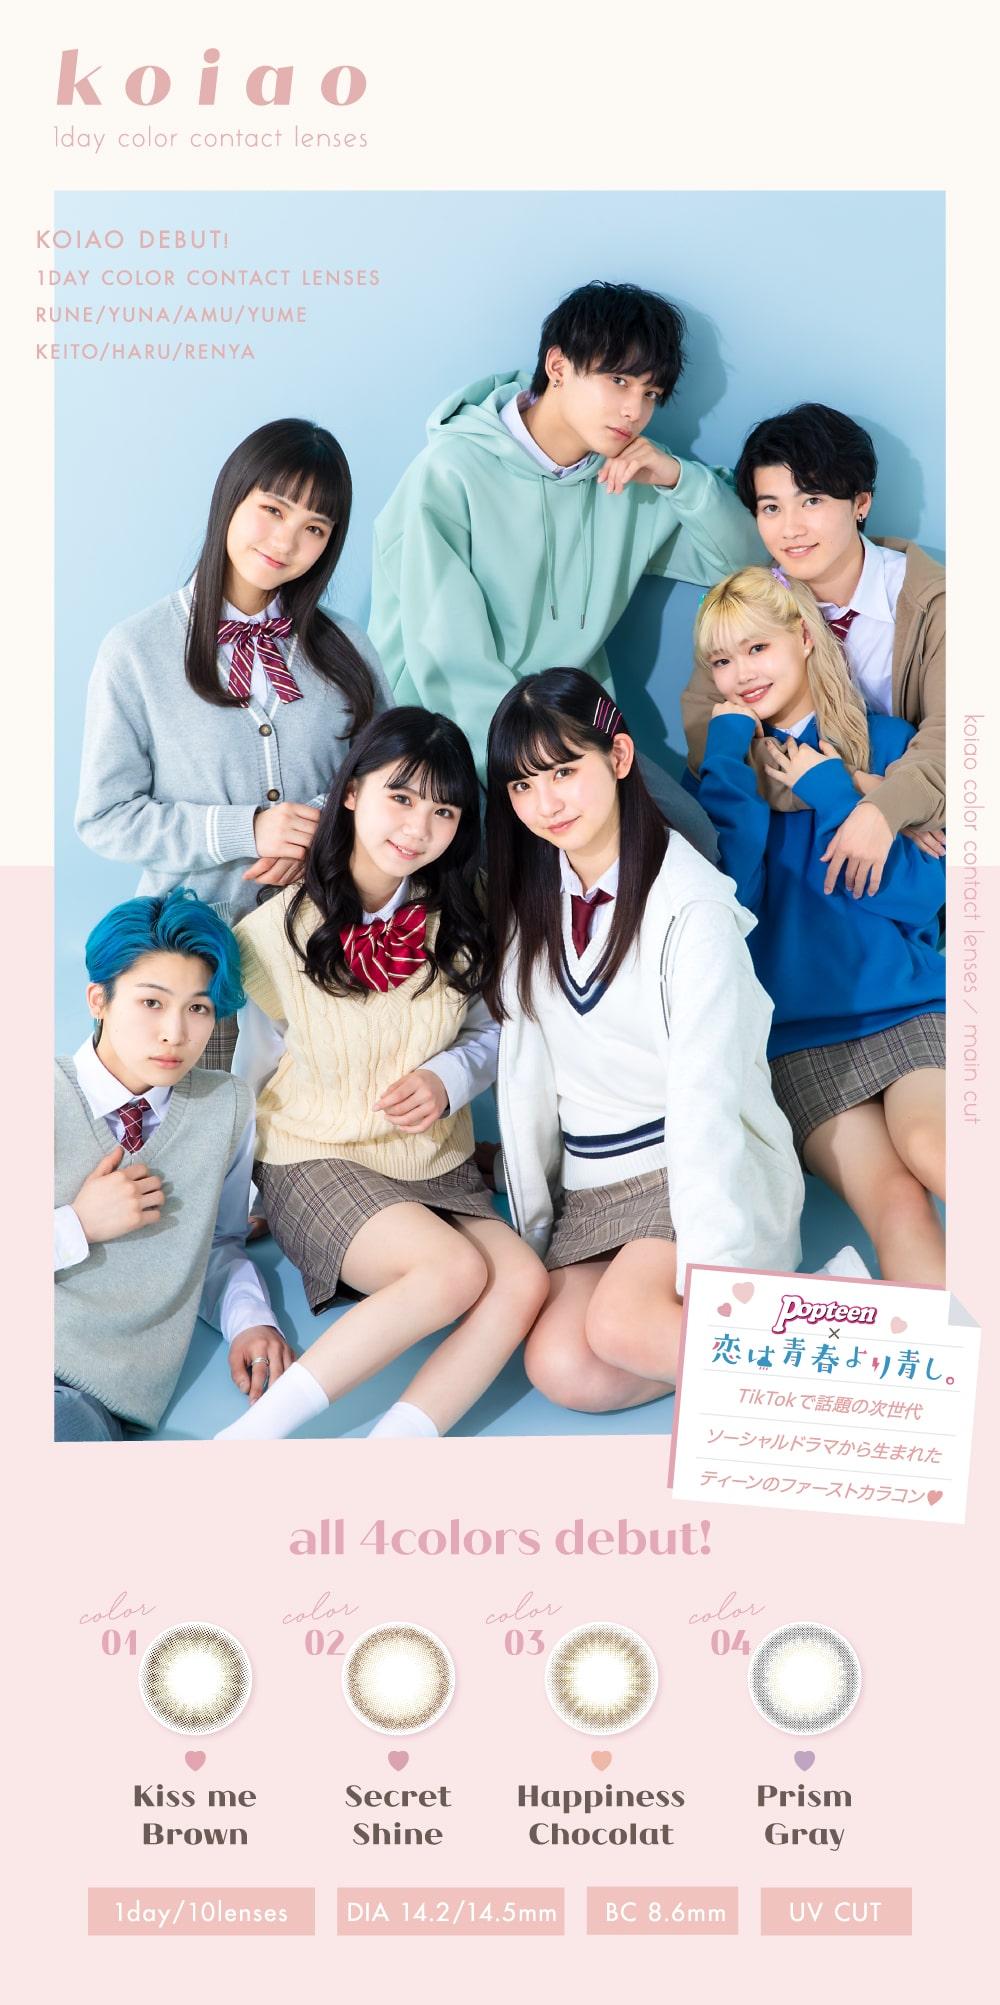 「Popteen」がコラボするTikTokドラマ「恋は青春より青し。」から生まれたティーンに向けてのファーストカラコン